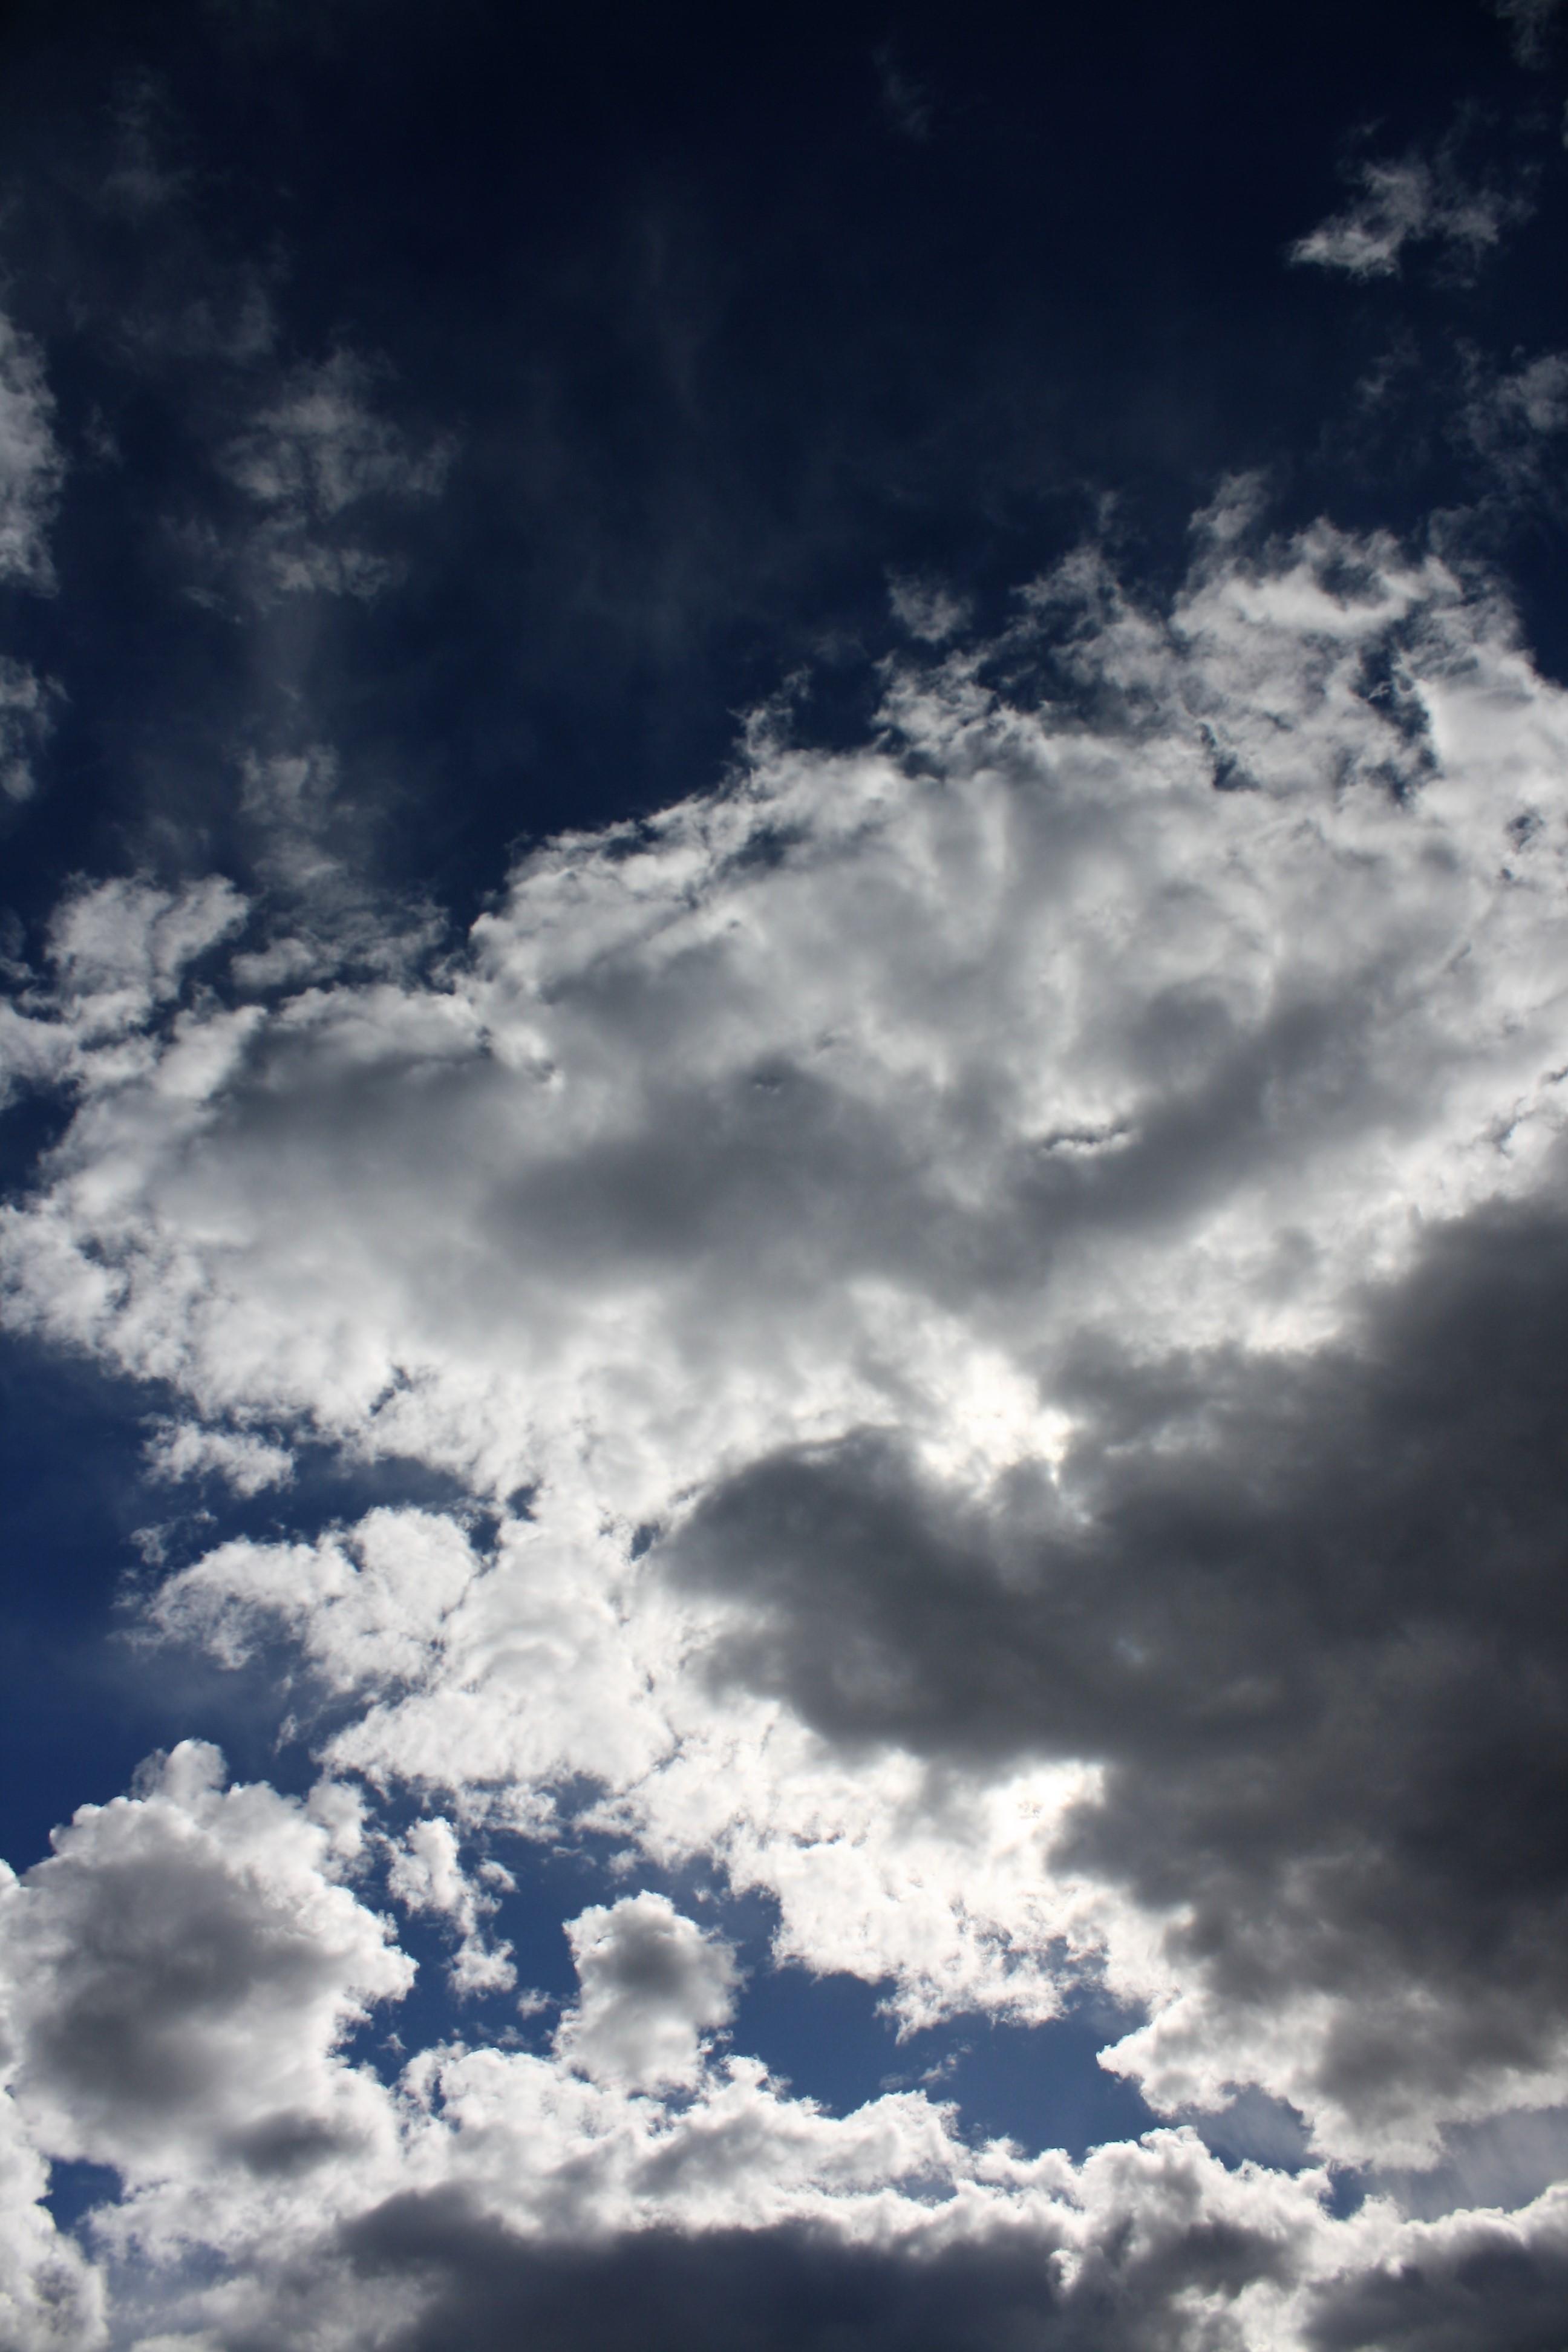 DM_nature_clouds_8686